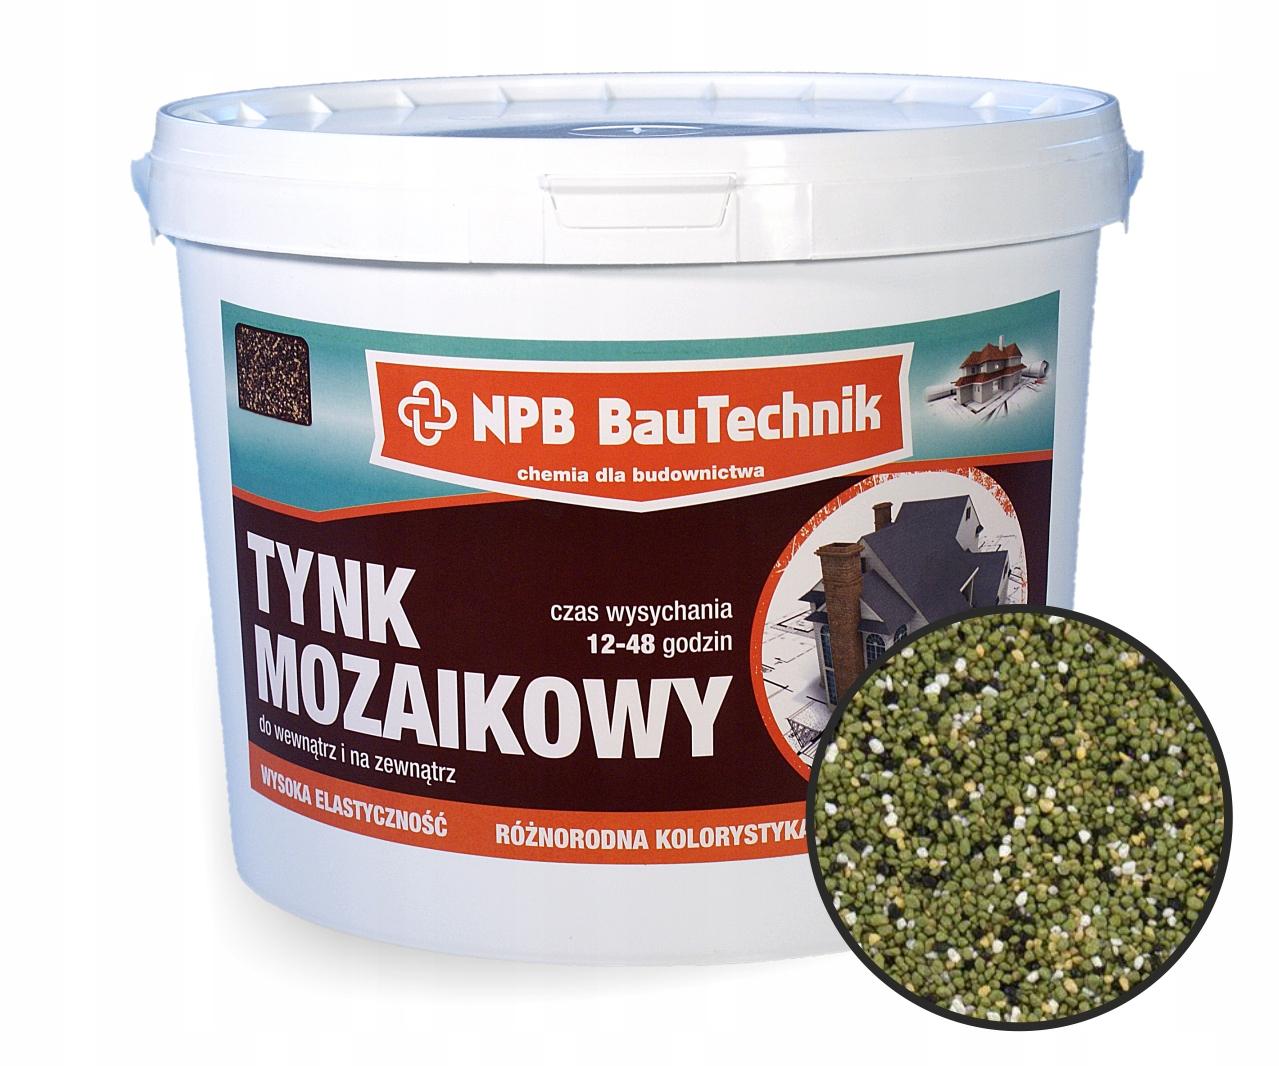 NPB Dekoracyjny Tynk Mozaikowy Żywiczny N63